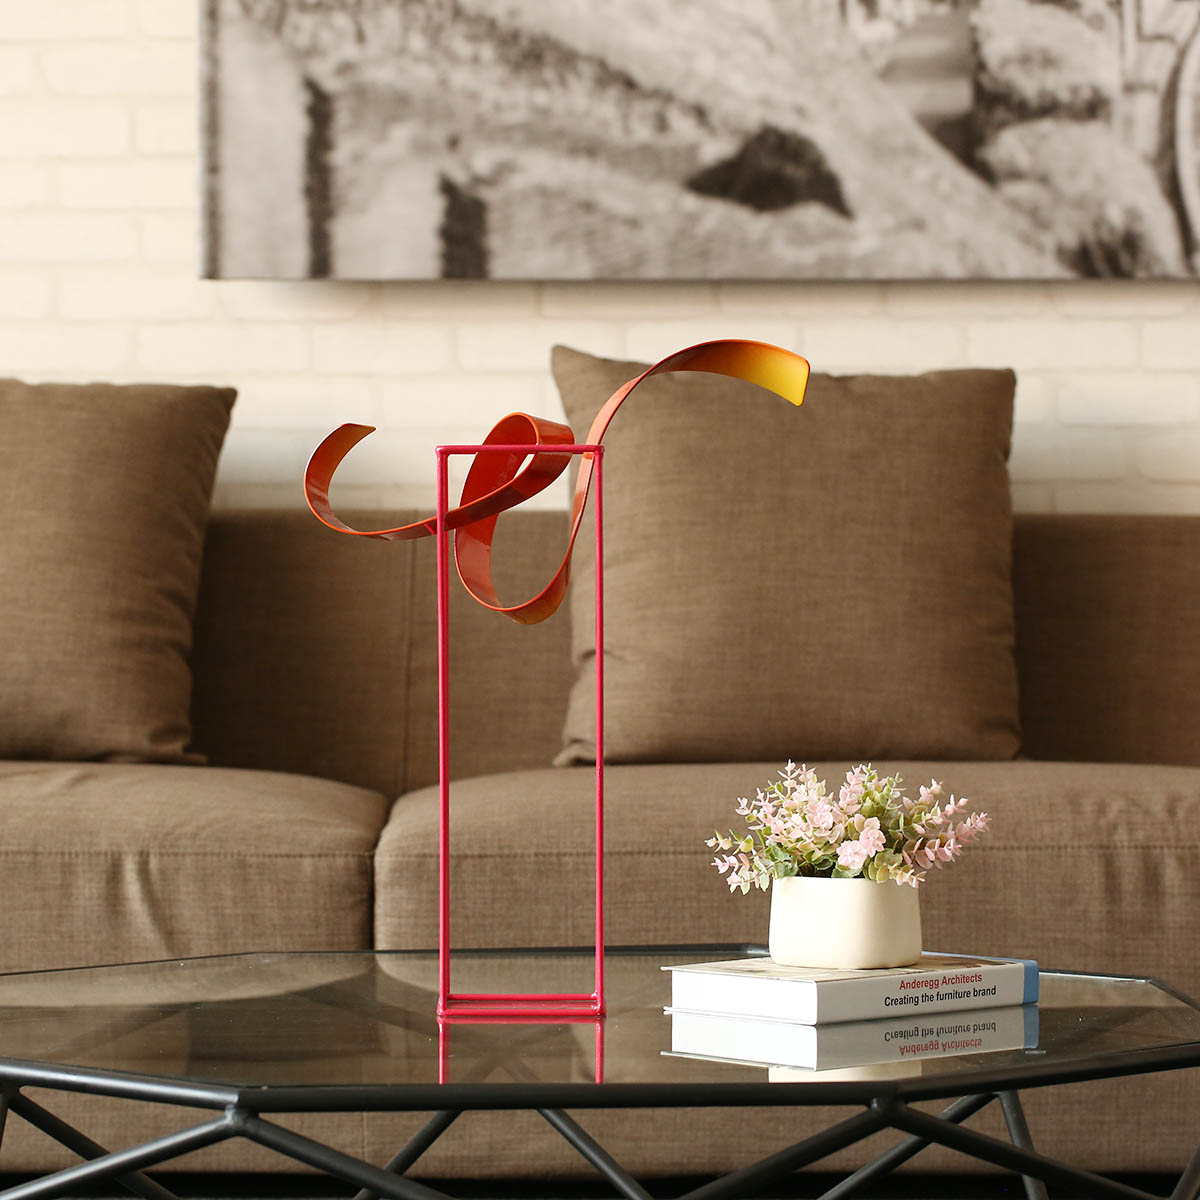 Schon Bud Freistehende Skulptur Abstrakte Indoor / Outdoor Moderne Metall  Skulptur Tisch U0026 Schreibtisch Dekor Zeitgenössische Herzstück